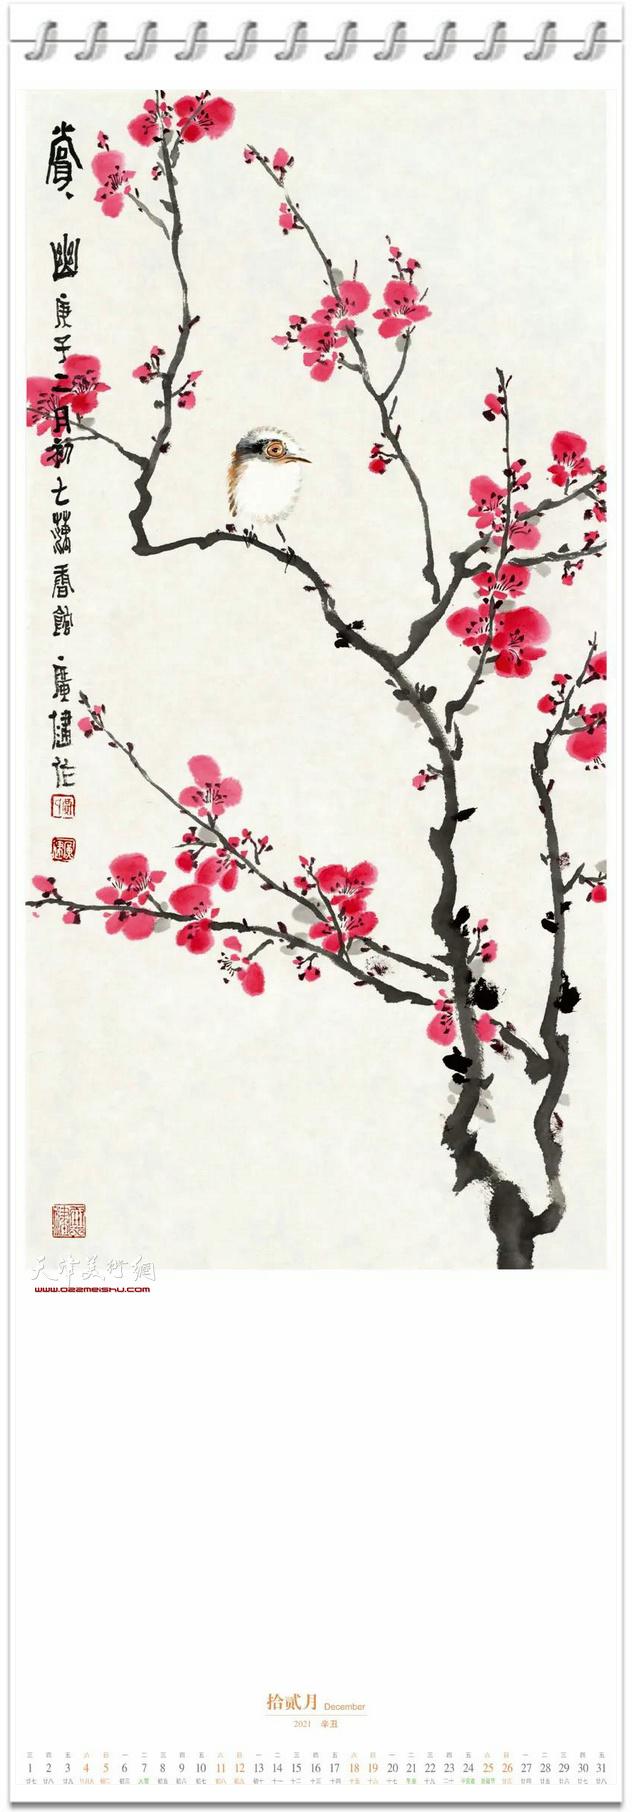 和气致祥——2021辛丑年贾广健花鸟画年历 十二月